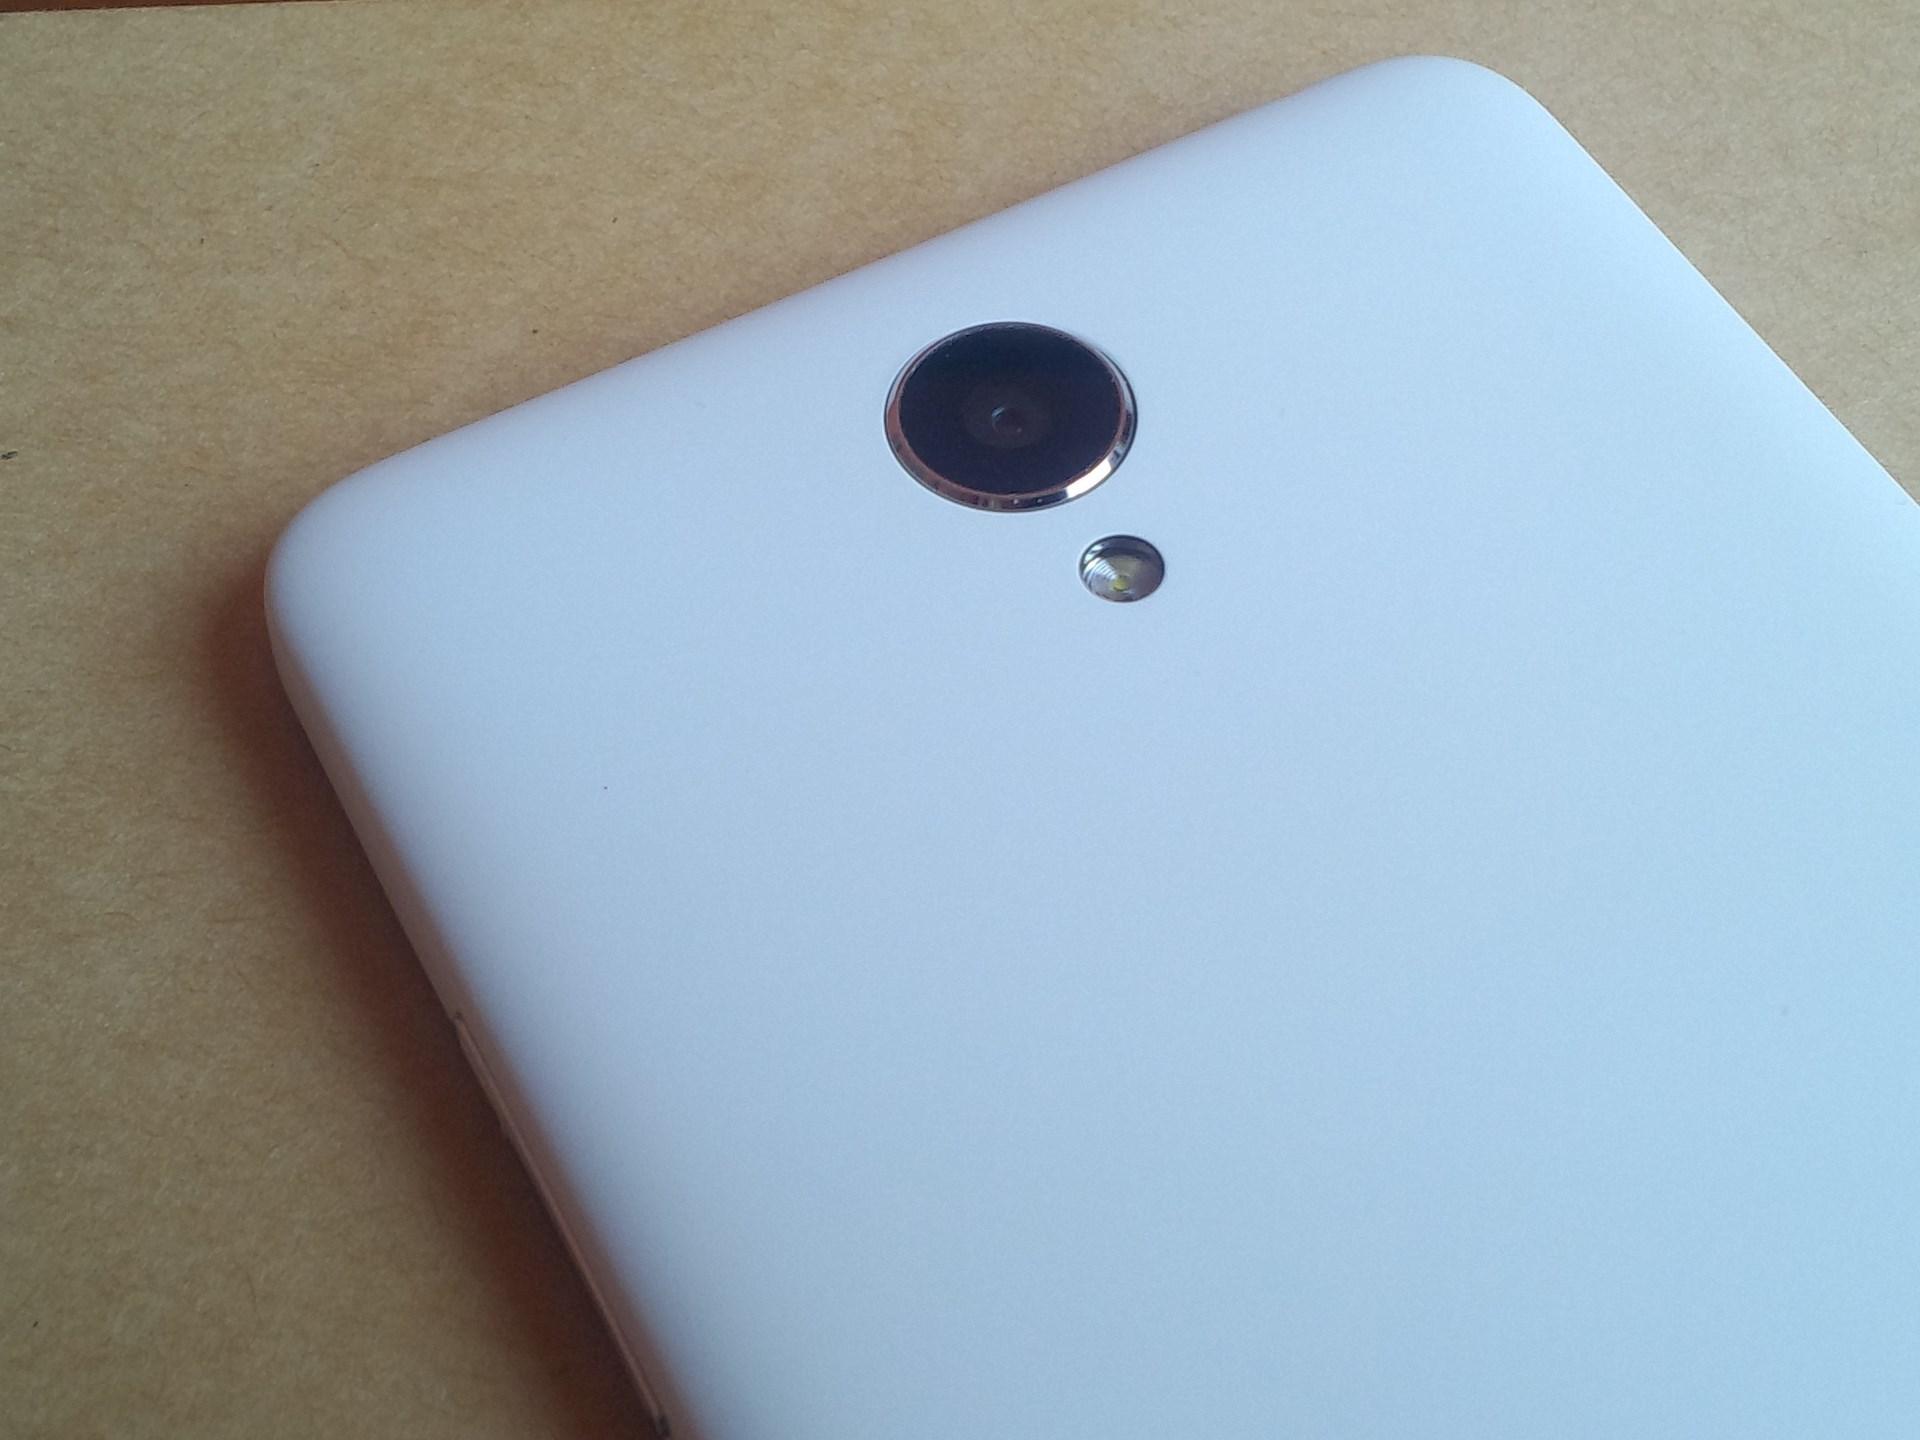 Обзор лучшего бюджетника 2015 года — Xiaomi Redmi Note 2 - 14